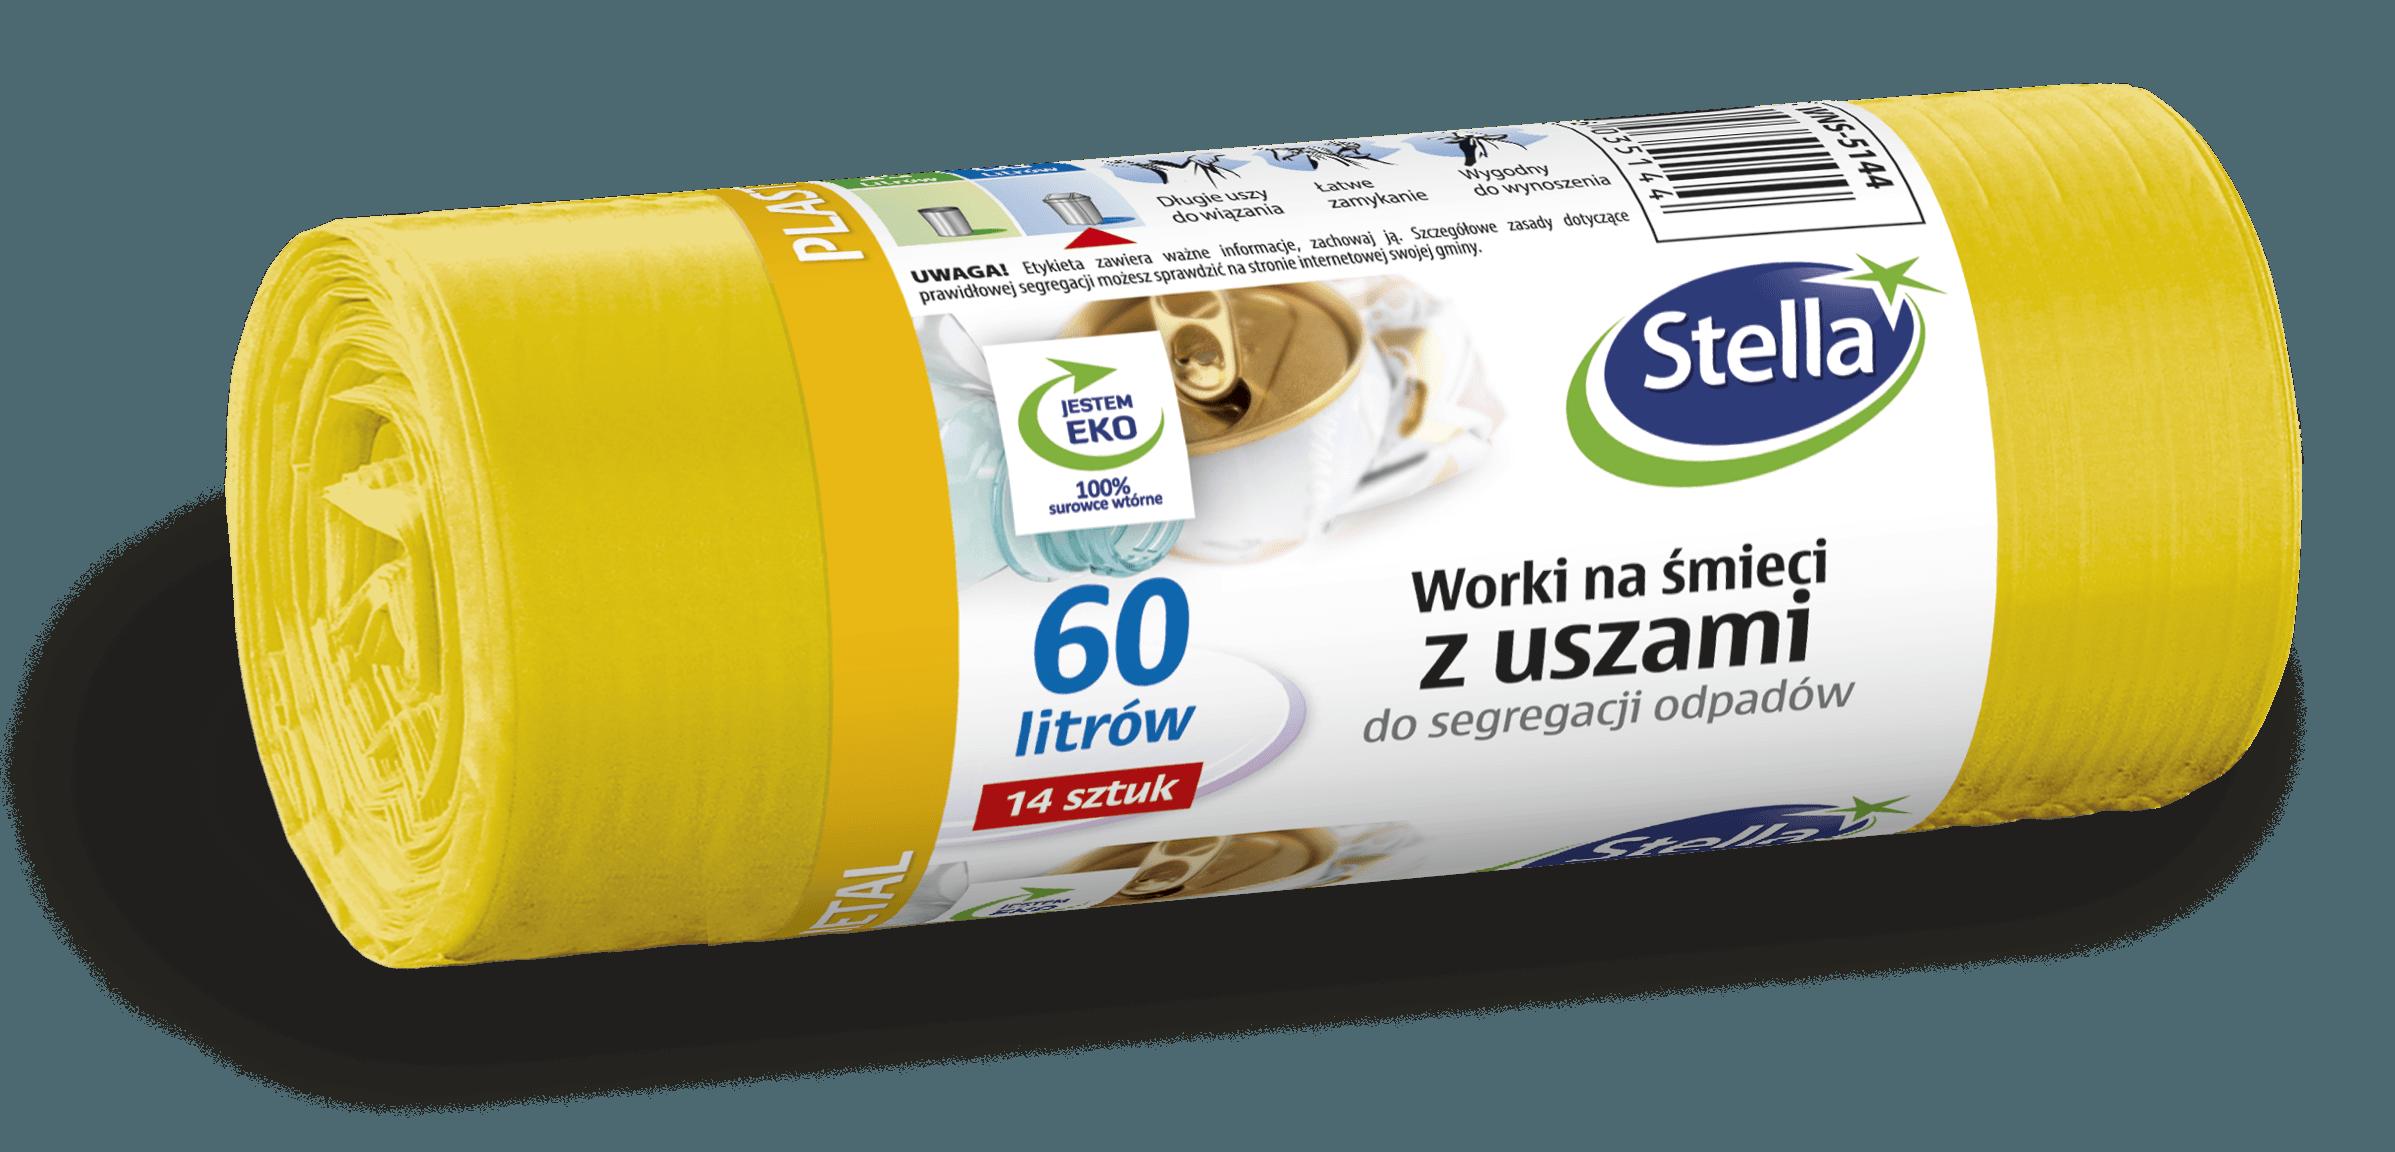 Worki z uszami do segregacji odpadów PLASTIK METAL 60L 14szt żółte STELLA